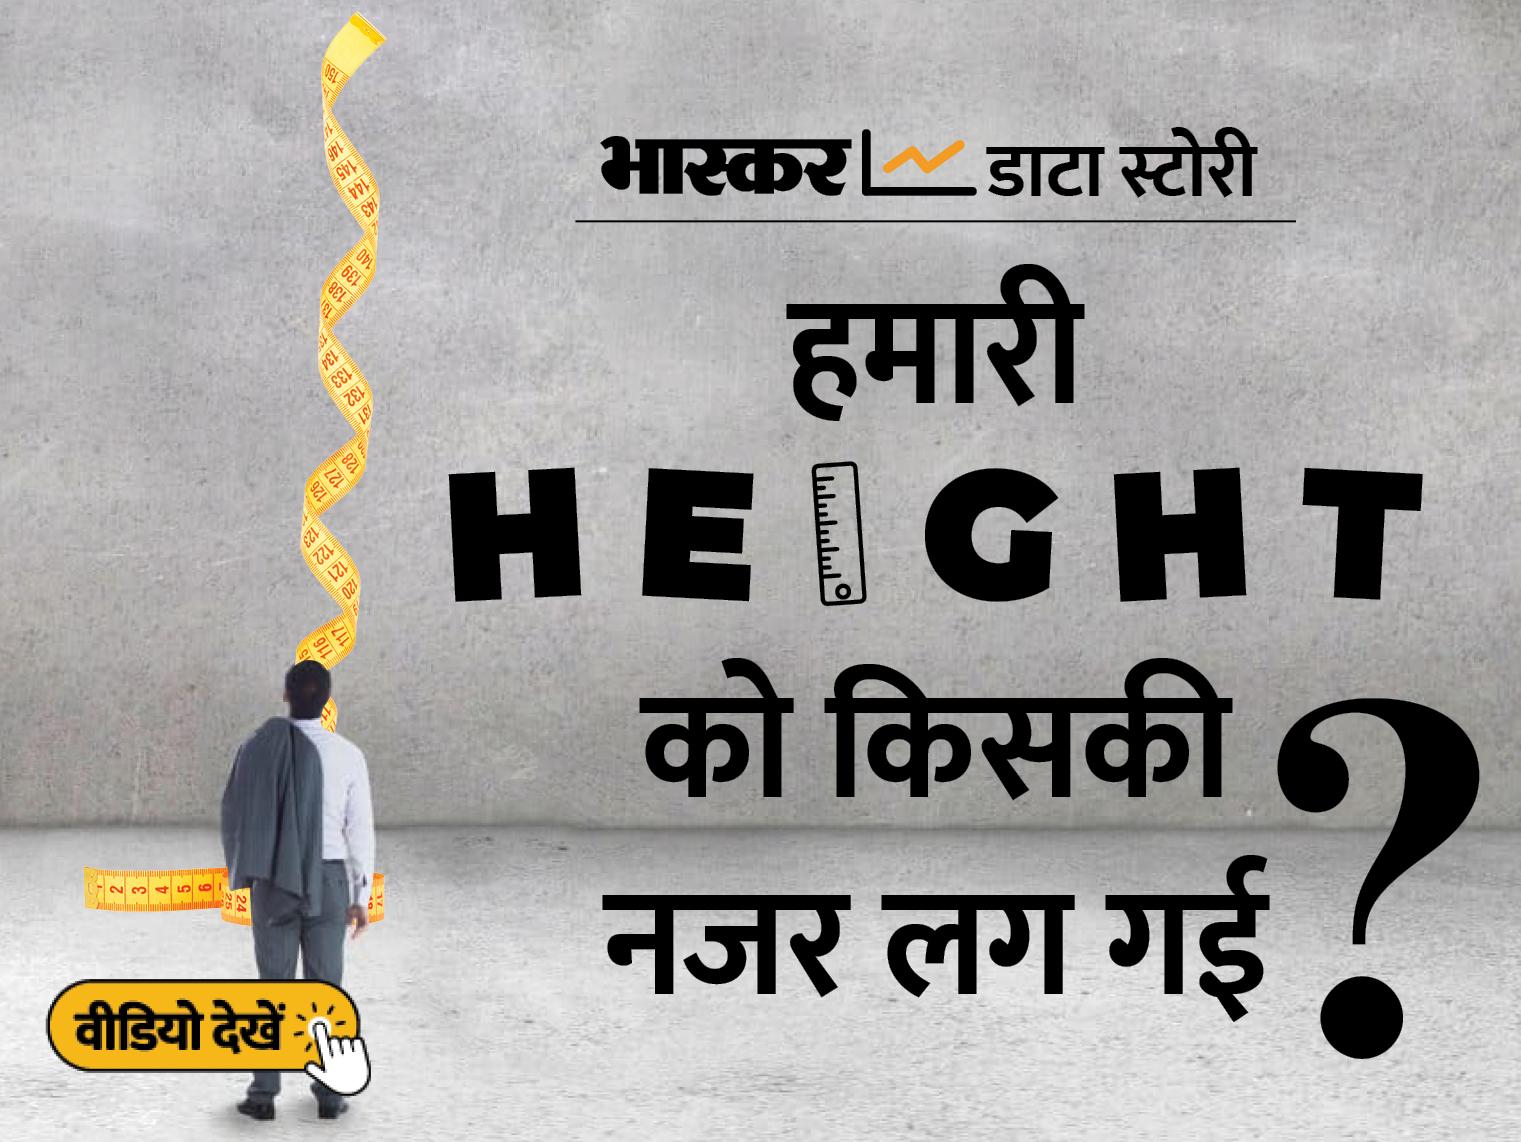 हरियाणा के पुरुषों की औसत हाइट 2 सेमी से ज्यादा घटी, हिन्दू महिलाओं की हाइट में भी 0.10 सेमी की कमी; जानिए क्या कहती है रिसर्च|एक्सप्लेनर,Explainer - Dainik Bhaskar